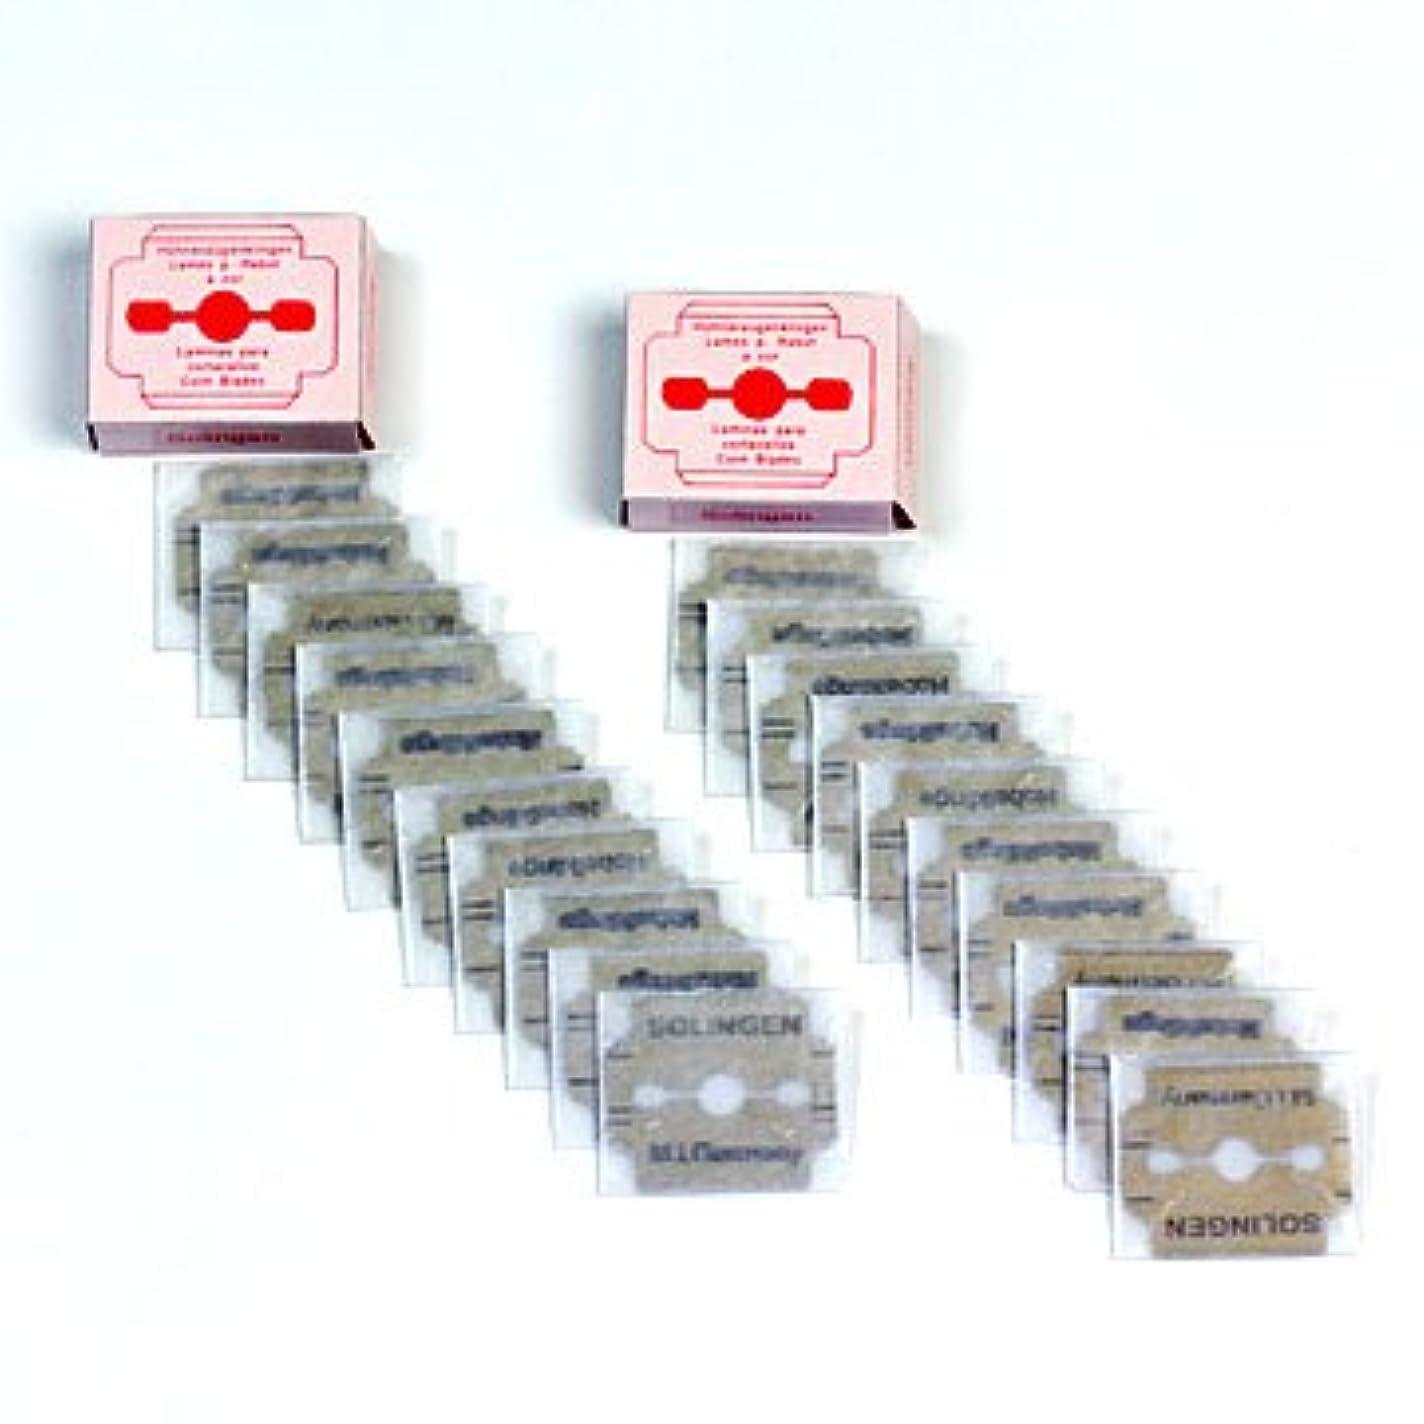 歯痛スポンジデザイナードイツ?ゾーリンゲン(Solingen) かかと削り器用替刃10枚入りx2セット(合計20枚) #slg008002-spc